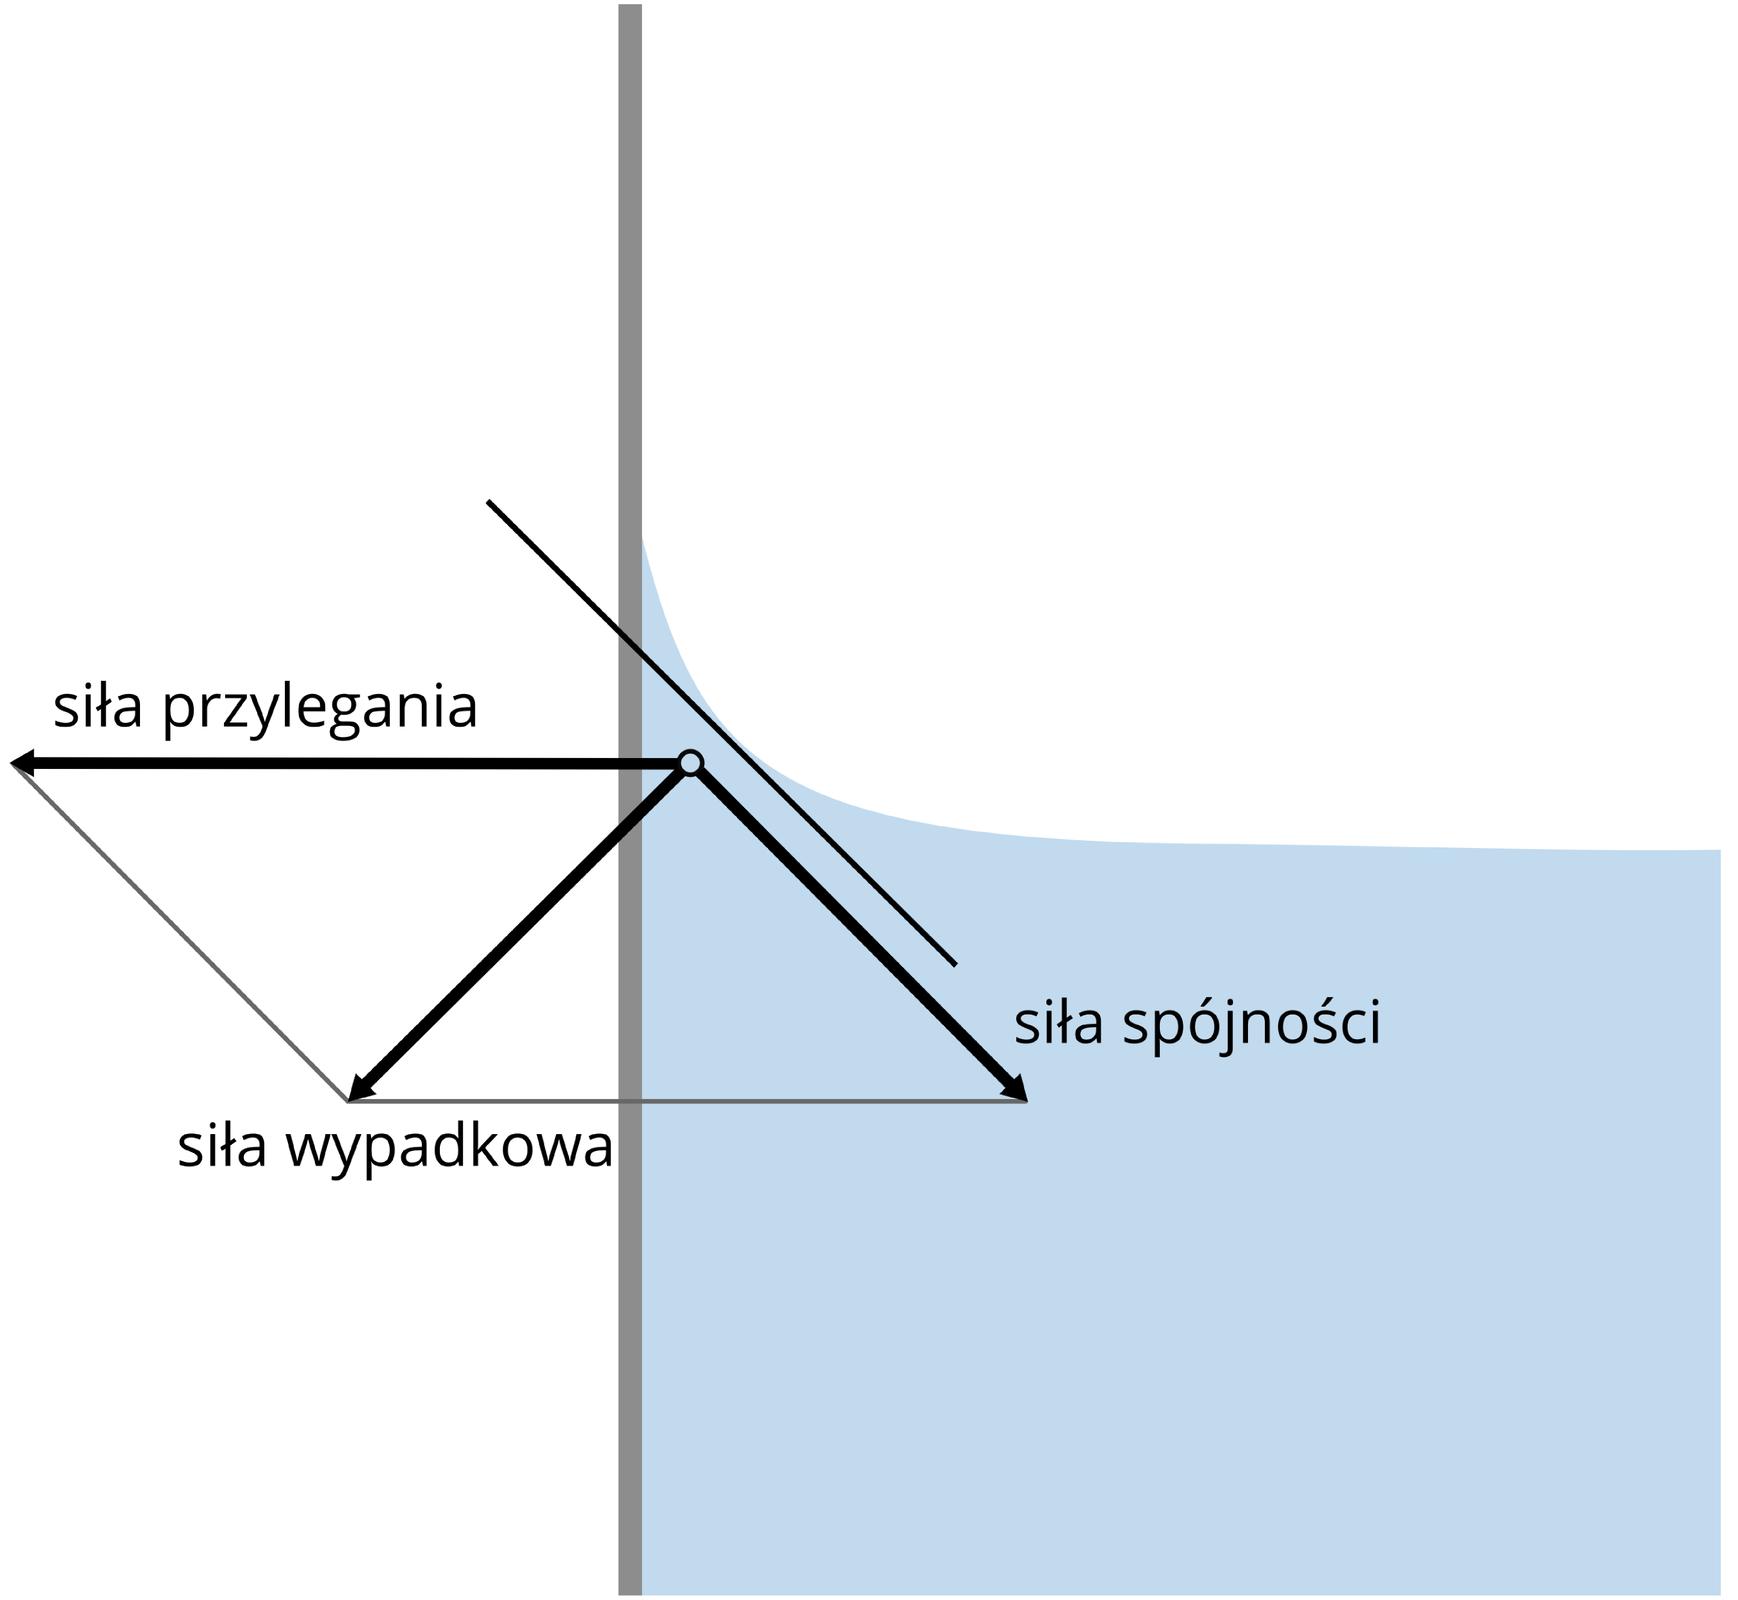 Ilustracja przedstawia mechanizm powstawania menisku wklęsłego. Schemat przedzielony na pół ponową linią. Linia szara. Lewa część schematu cała biała. Prawa część wgórnej połowie biała. Dolna część błękitna. Prawa część schematu imituje szklankę zwodą. Powierzchnia wody wśrodkowej części płaska. Tuż przy krawędzi ściany, powierzchnia wody delikatnie unosi się. Powierzchnia wody ikrawędź ściany nie tworzą kąta prostego. Na schemacie oznaczono strzałkami wektory trzech sił. Siły przylegania, siły spójności isiły wypadkowej.